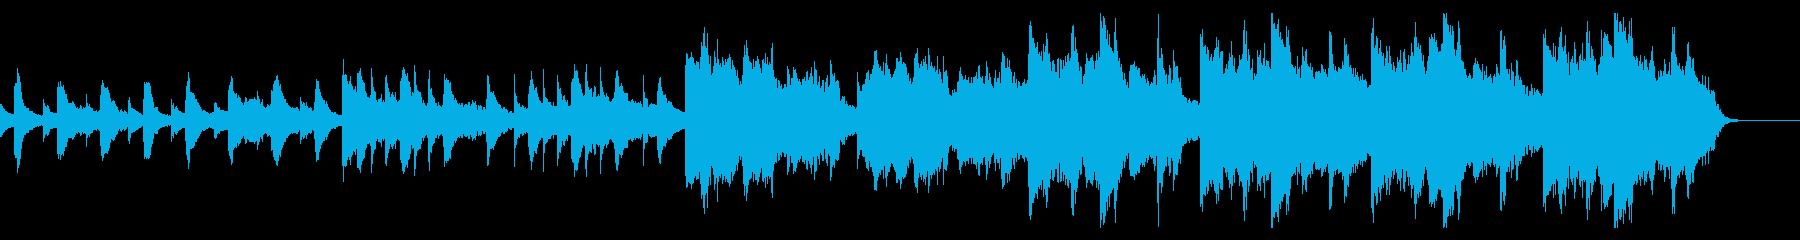 悲しいピアノ 回想の再生済みの波形